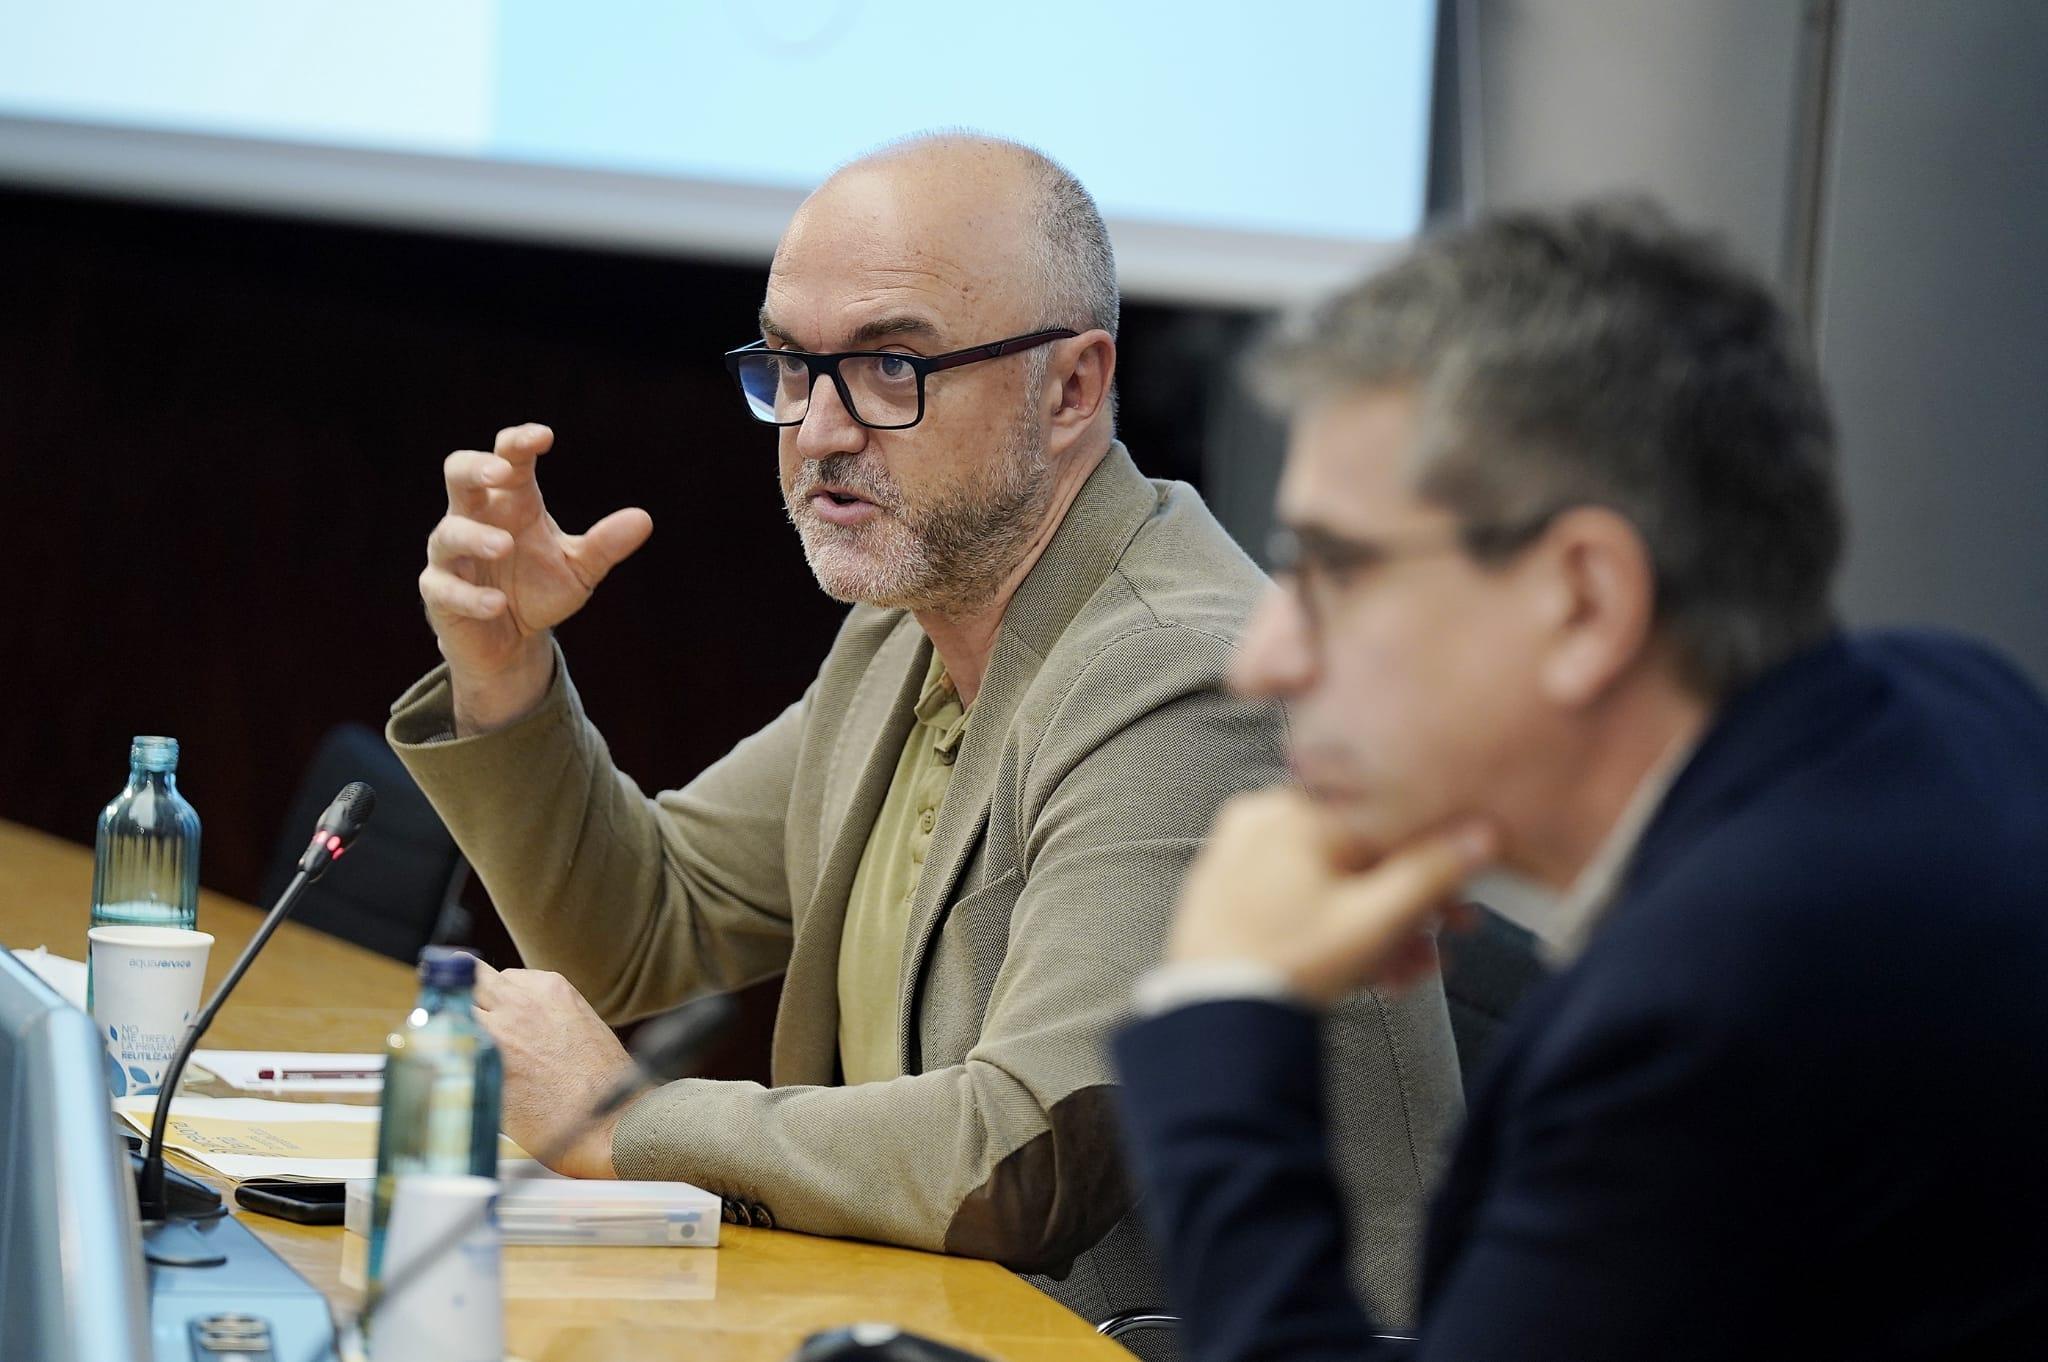 Oriol Estela i Jordi Martí durant la presentació de Barcelona Demà. Compromís Metropolità 2030